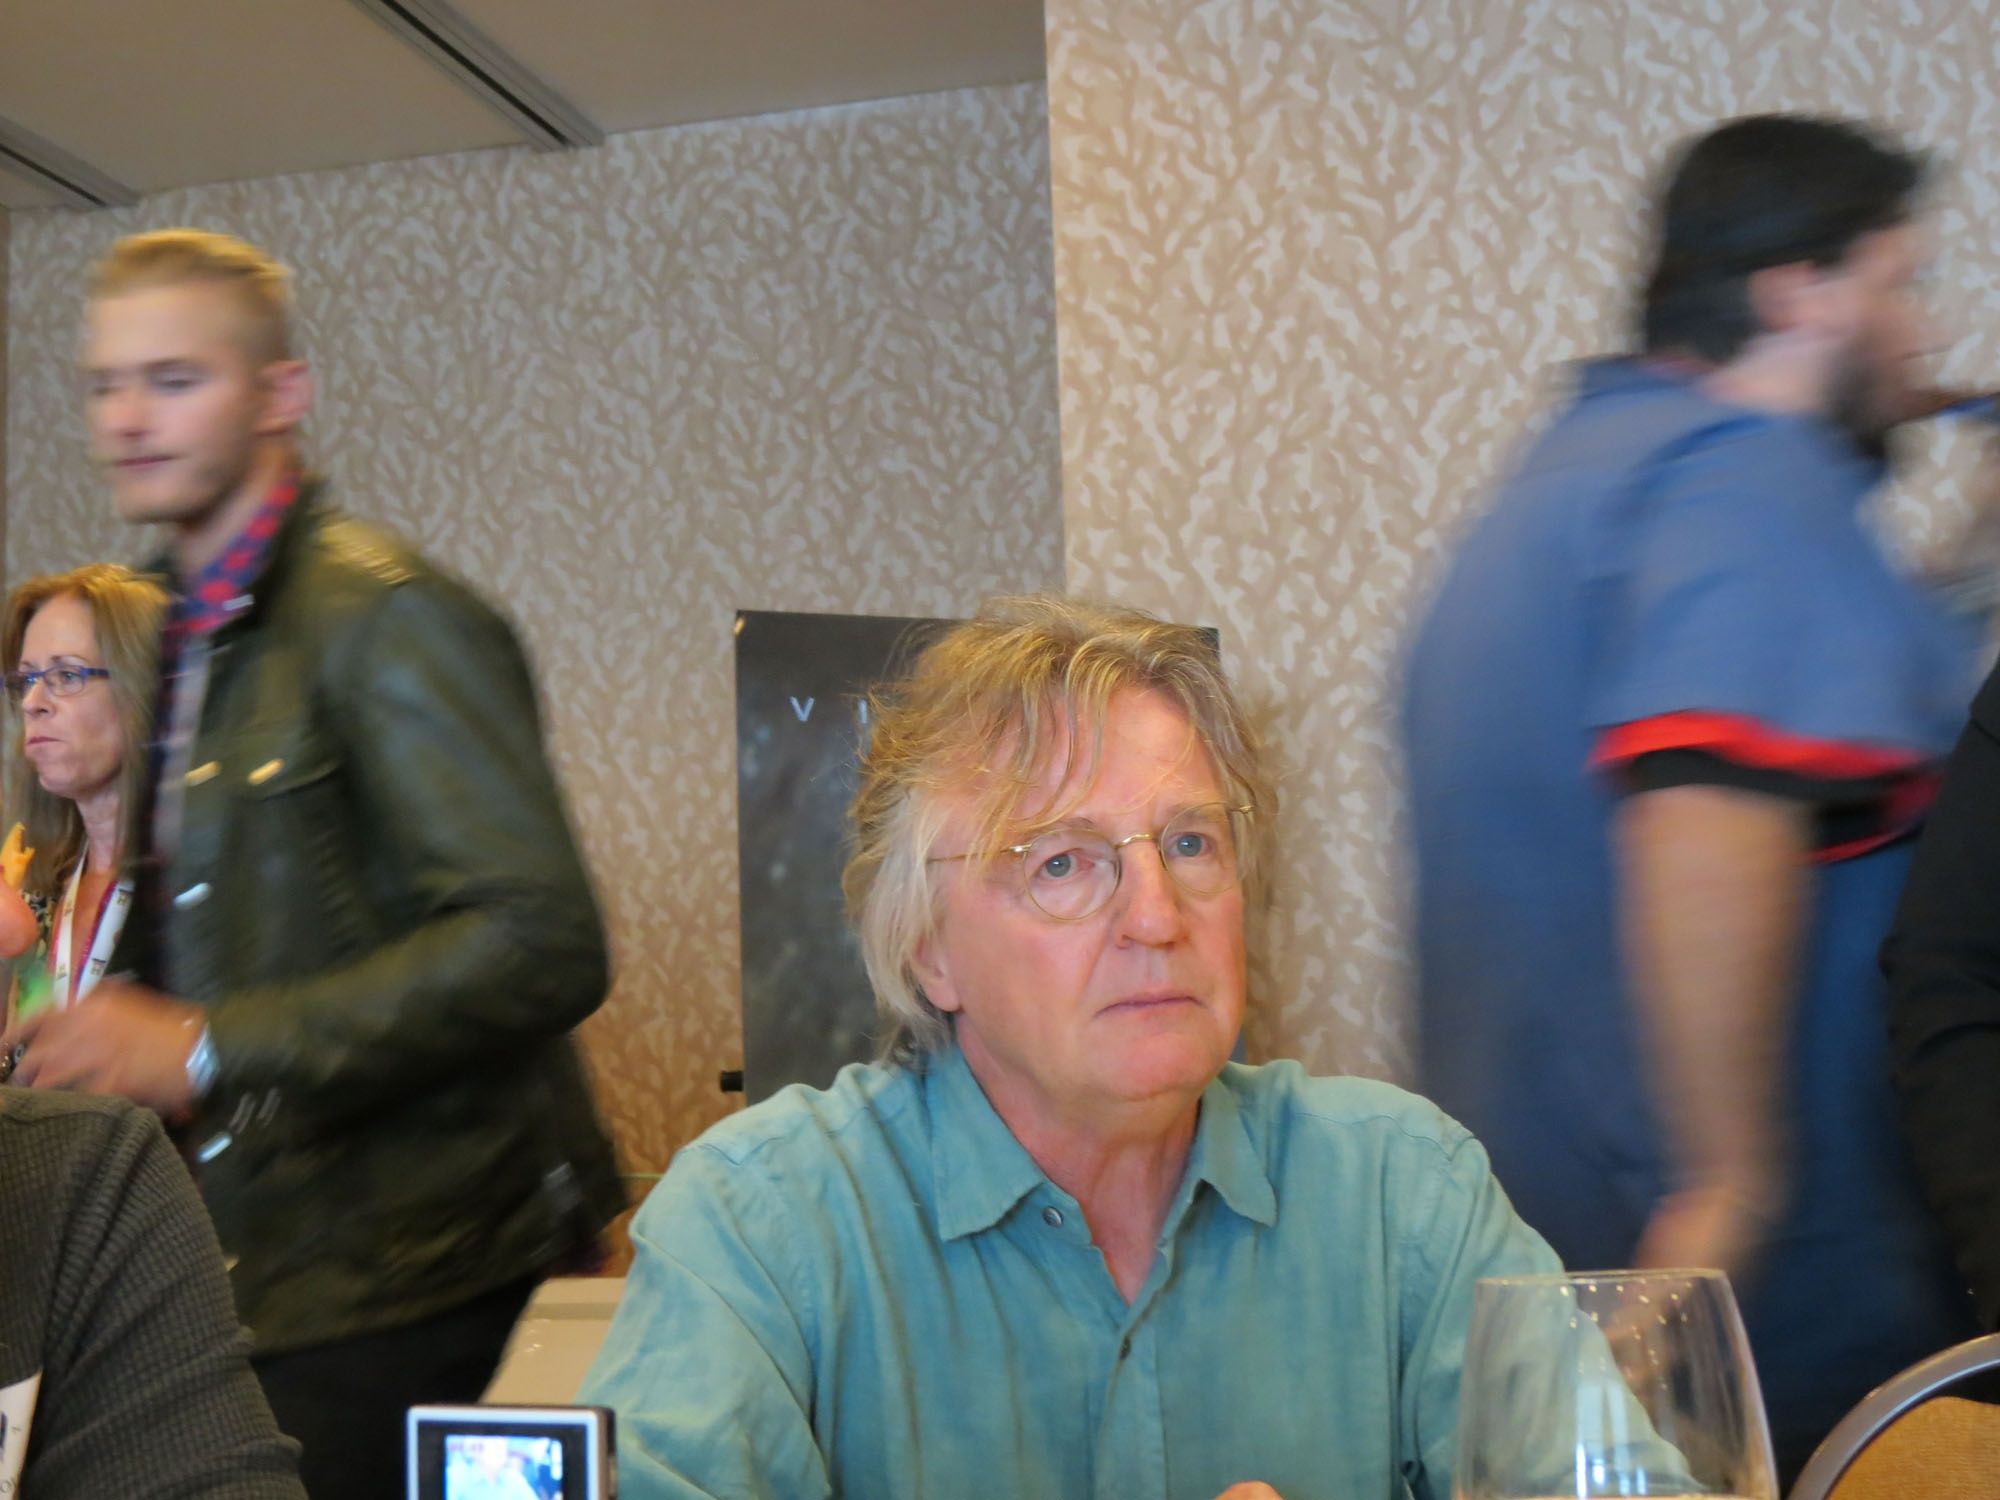 <em>Vikings</em> Producer Michael Hirst